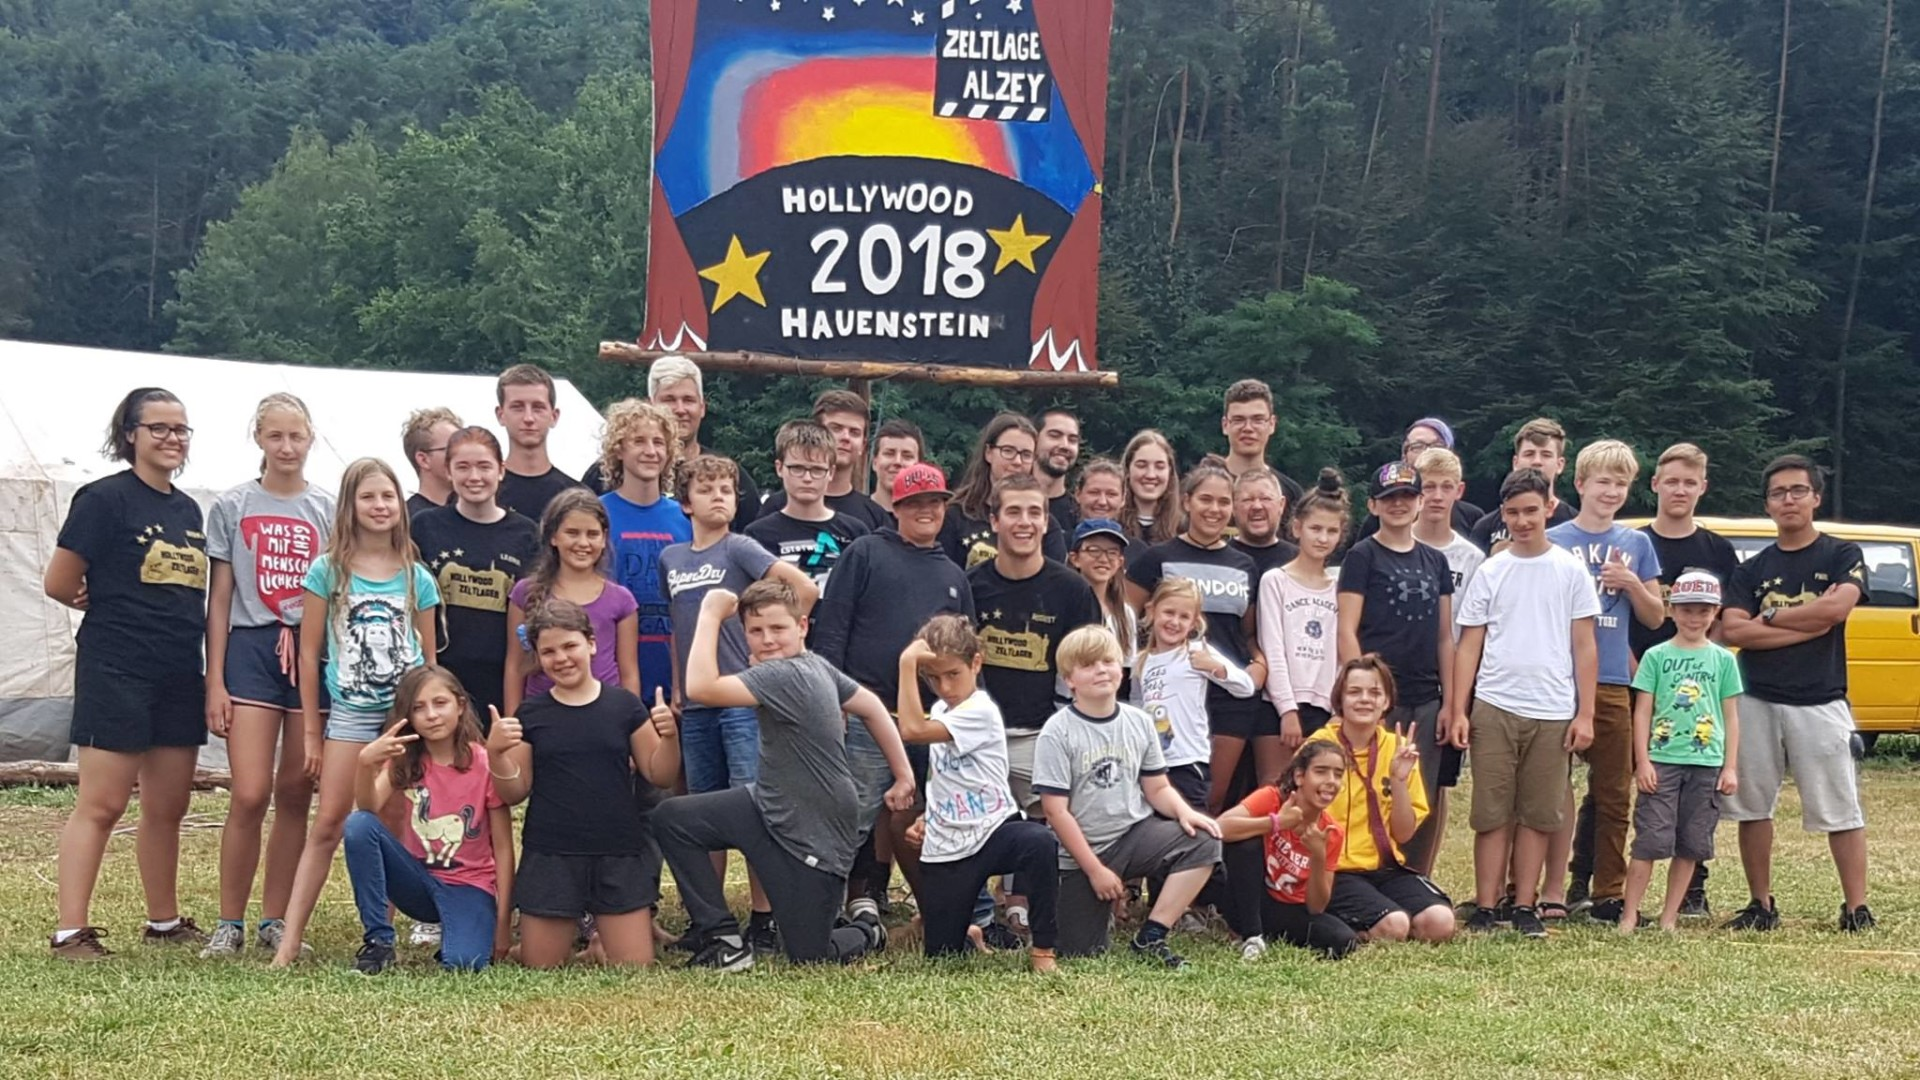 Zeltlager 2018 – Hauenstein